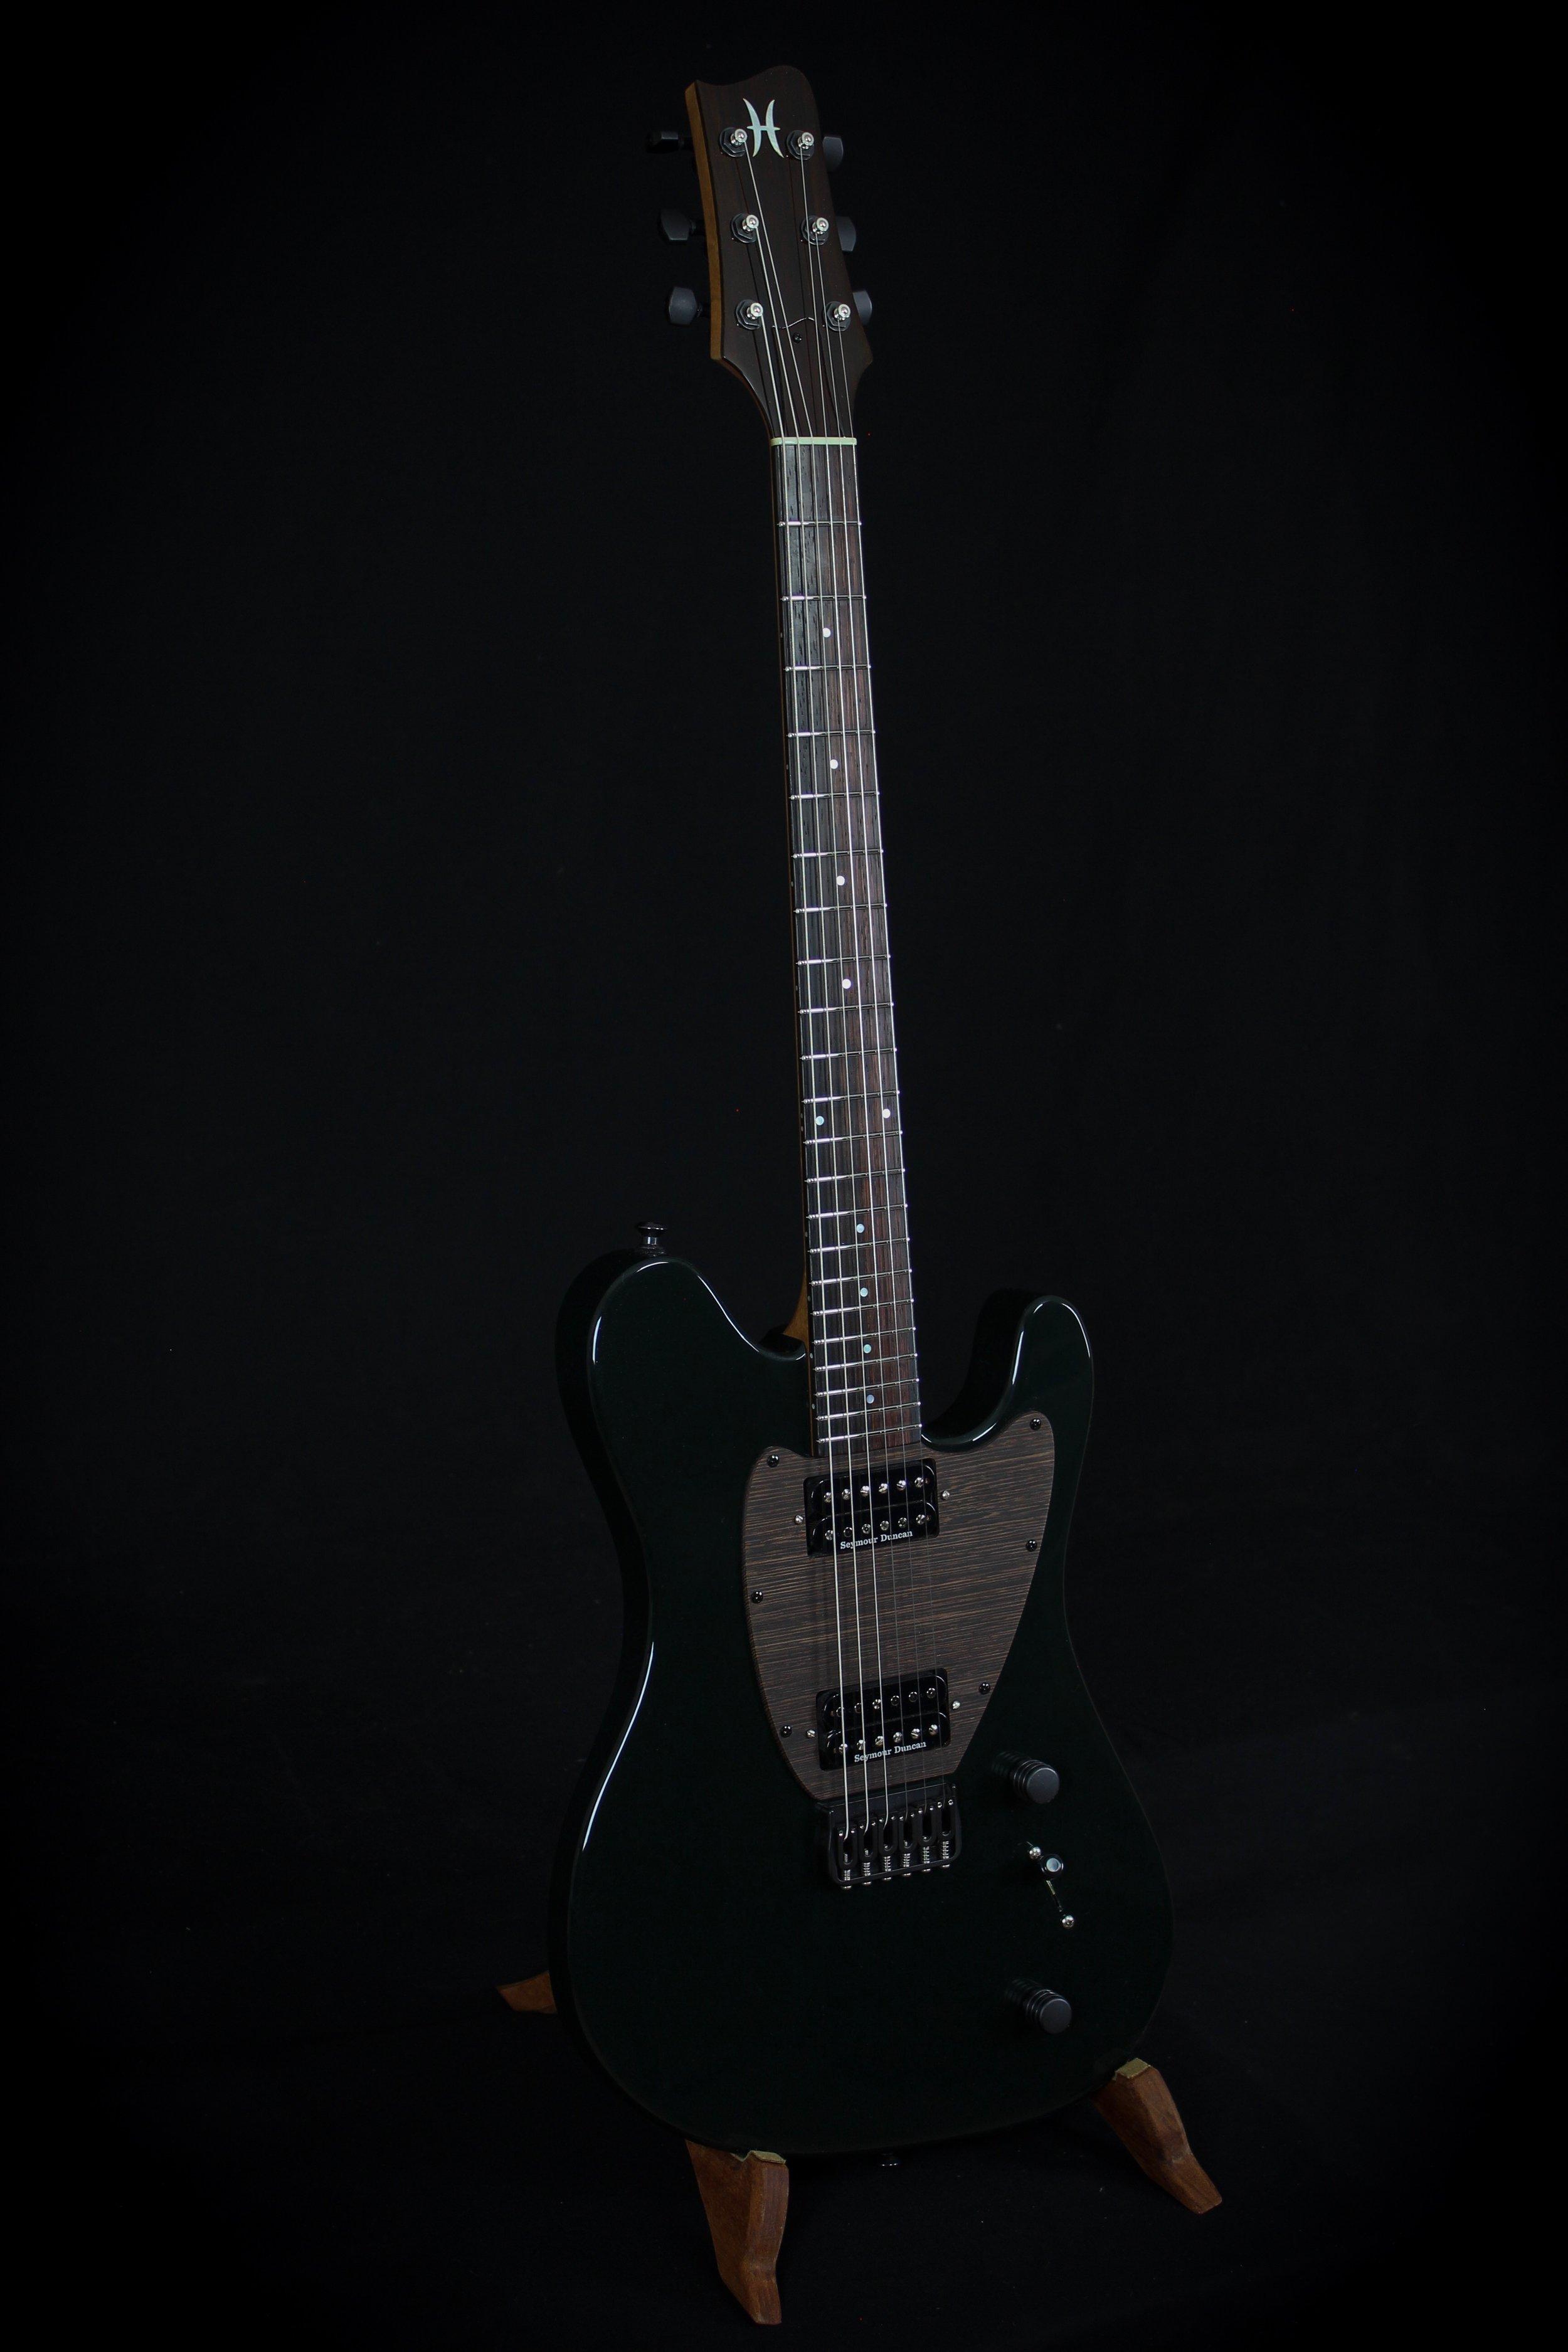 CEM-2 (John Cooper Works Green)